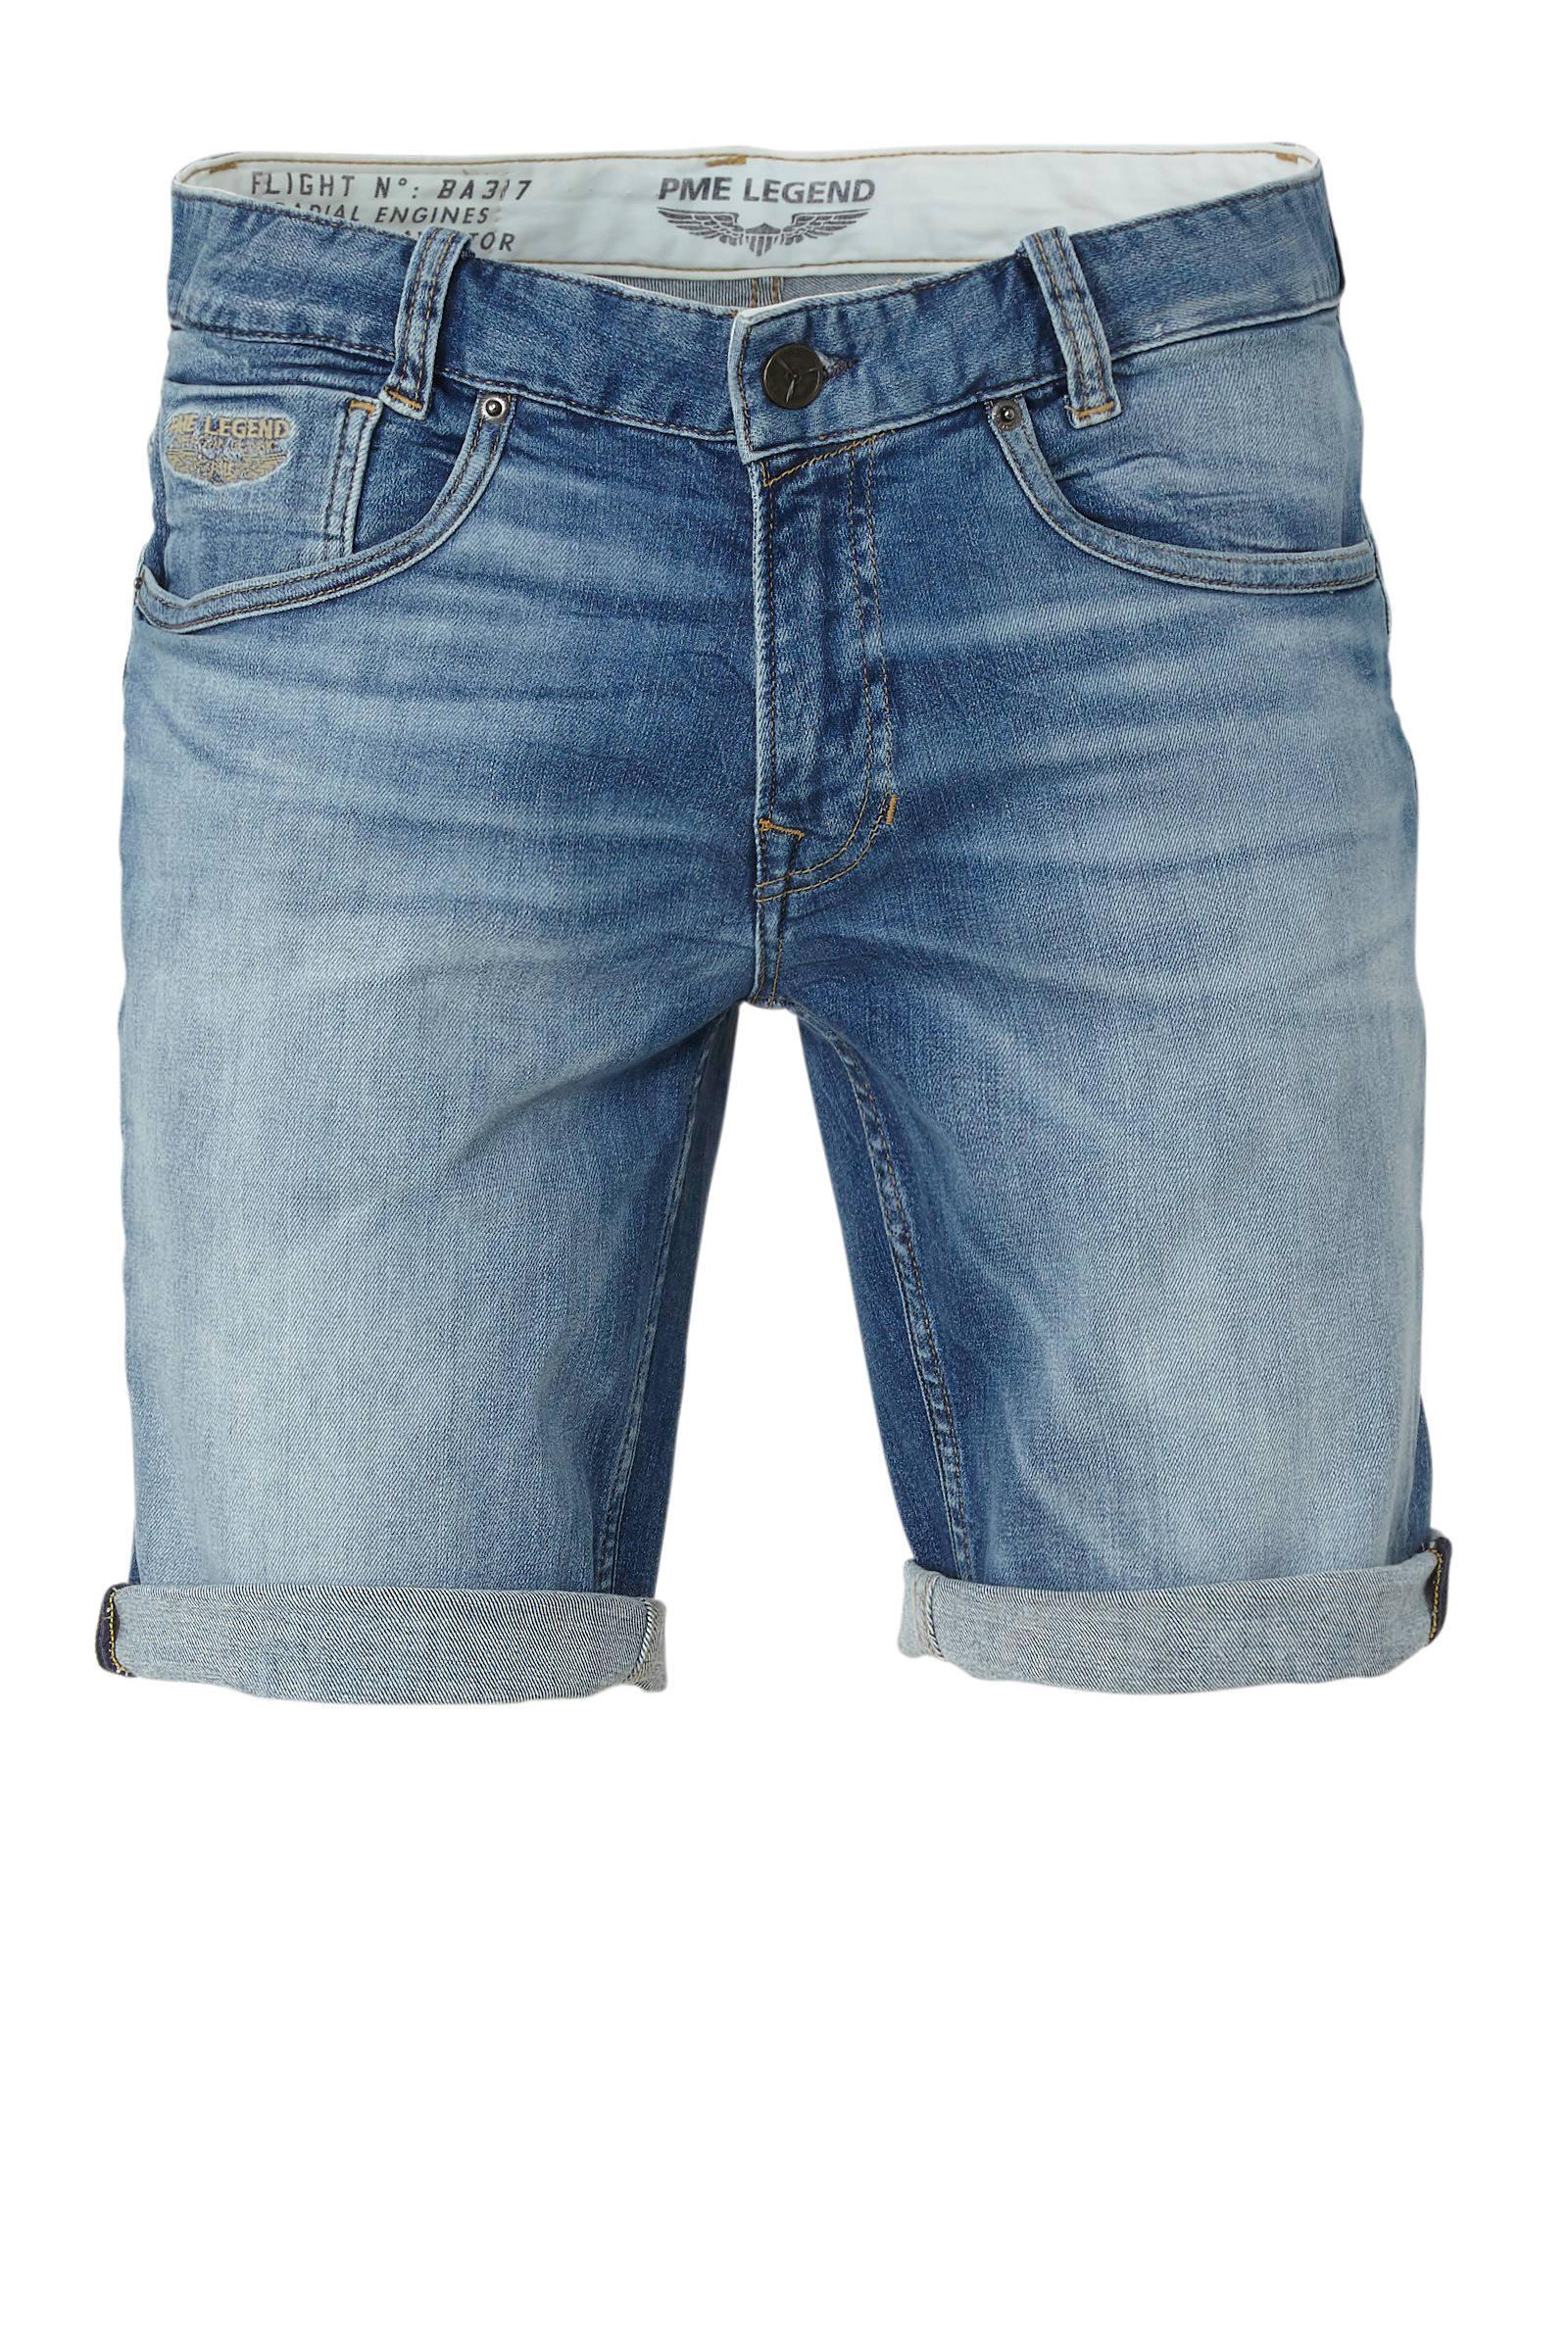 Pme Korte Broek Heren.Pme Legend Regular Fit Jeans Short Wehkamp